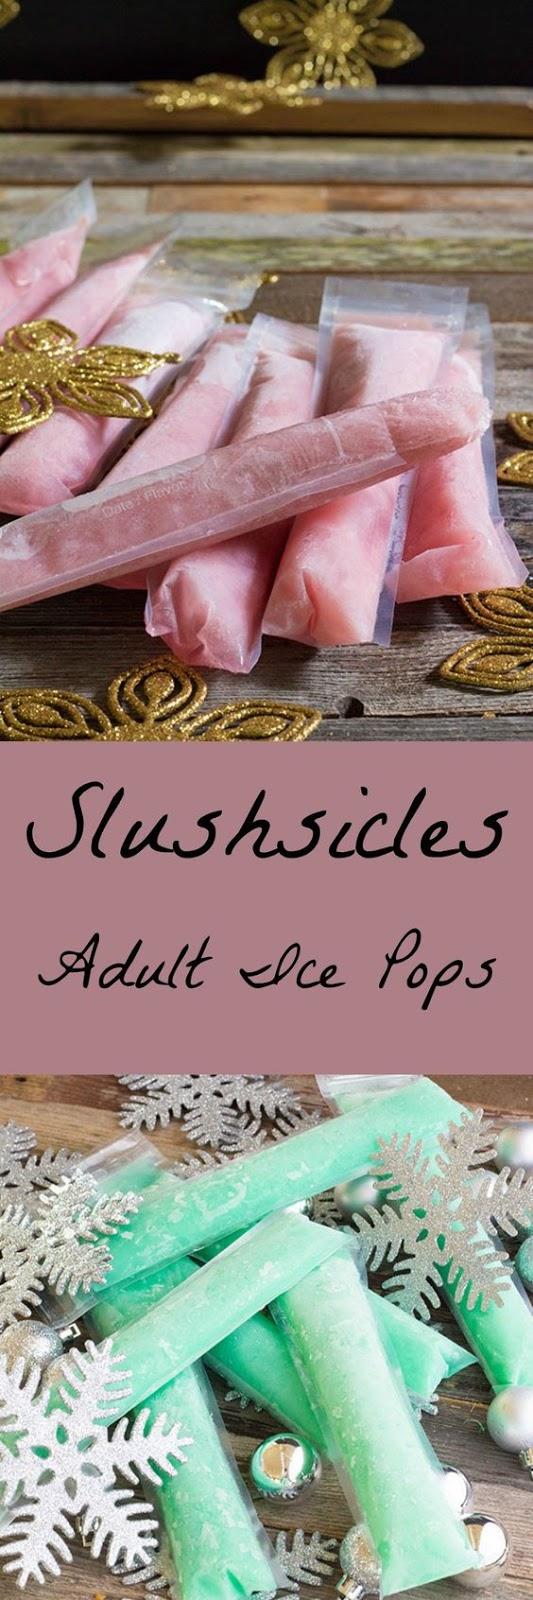 Slushsicles